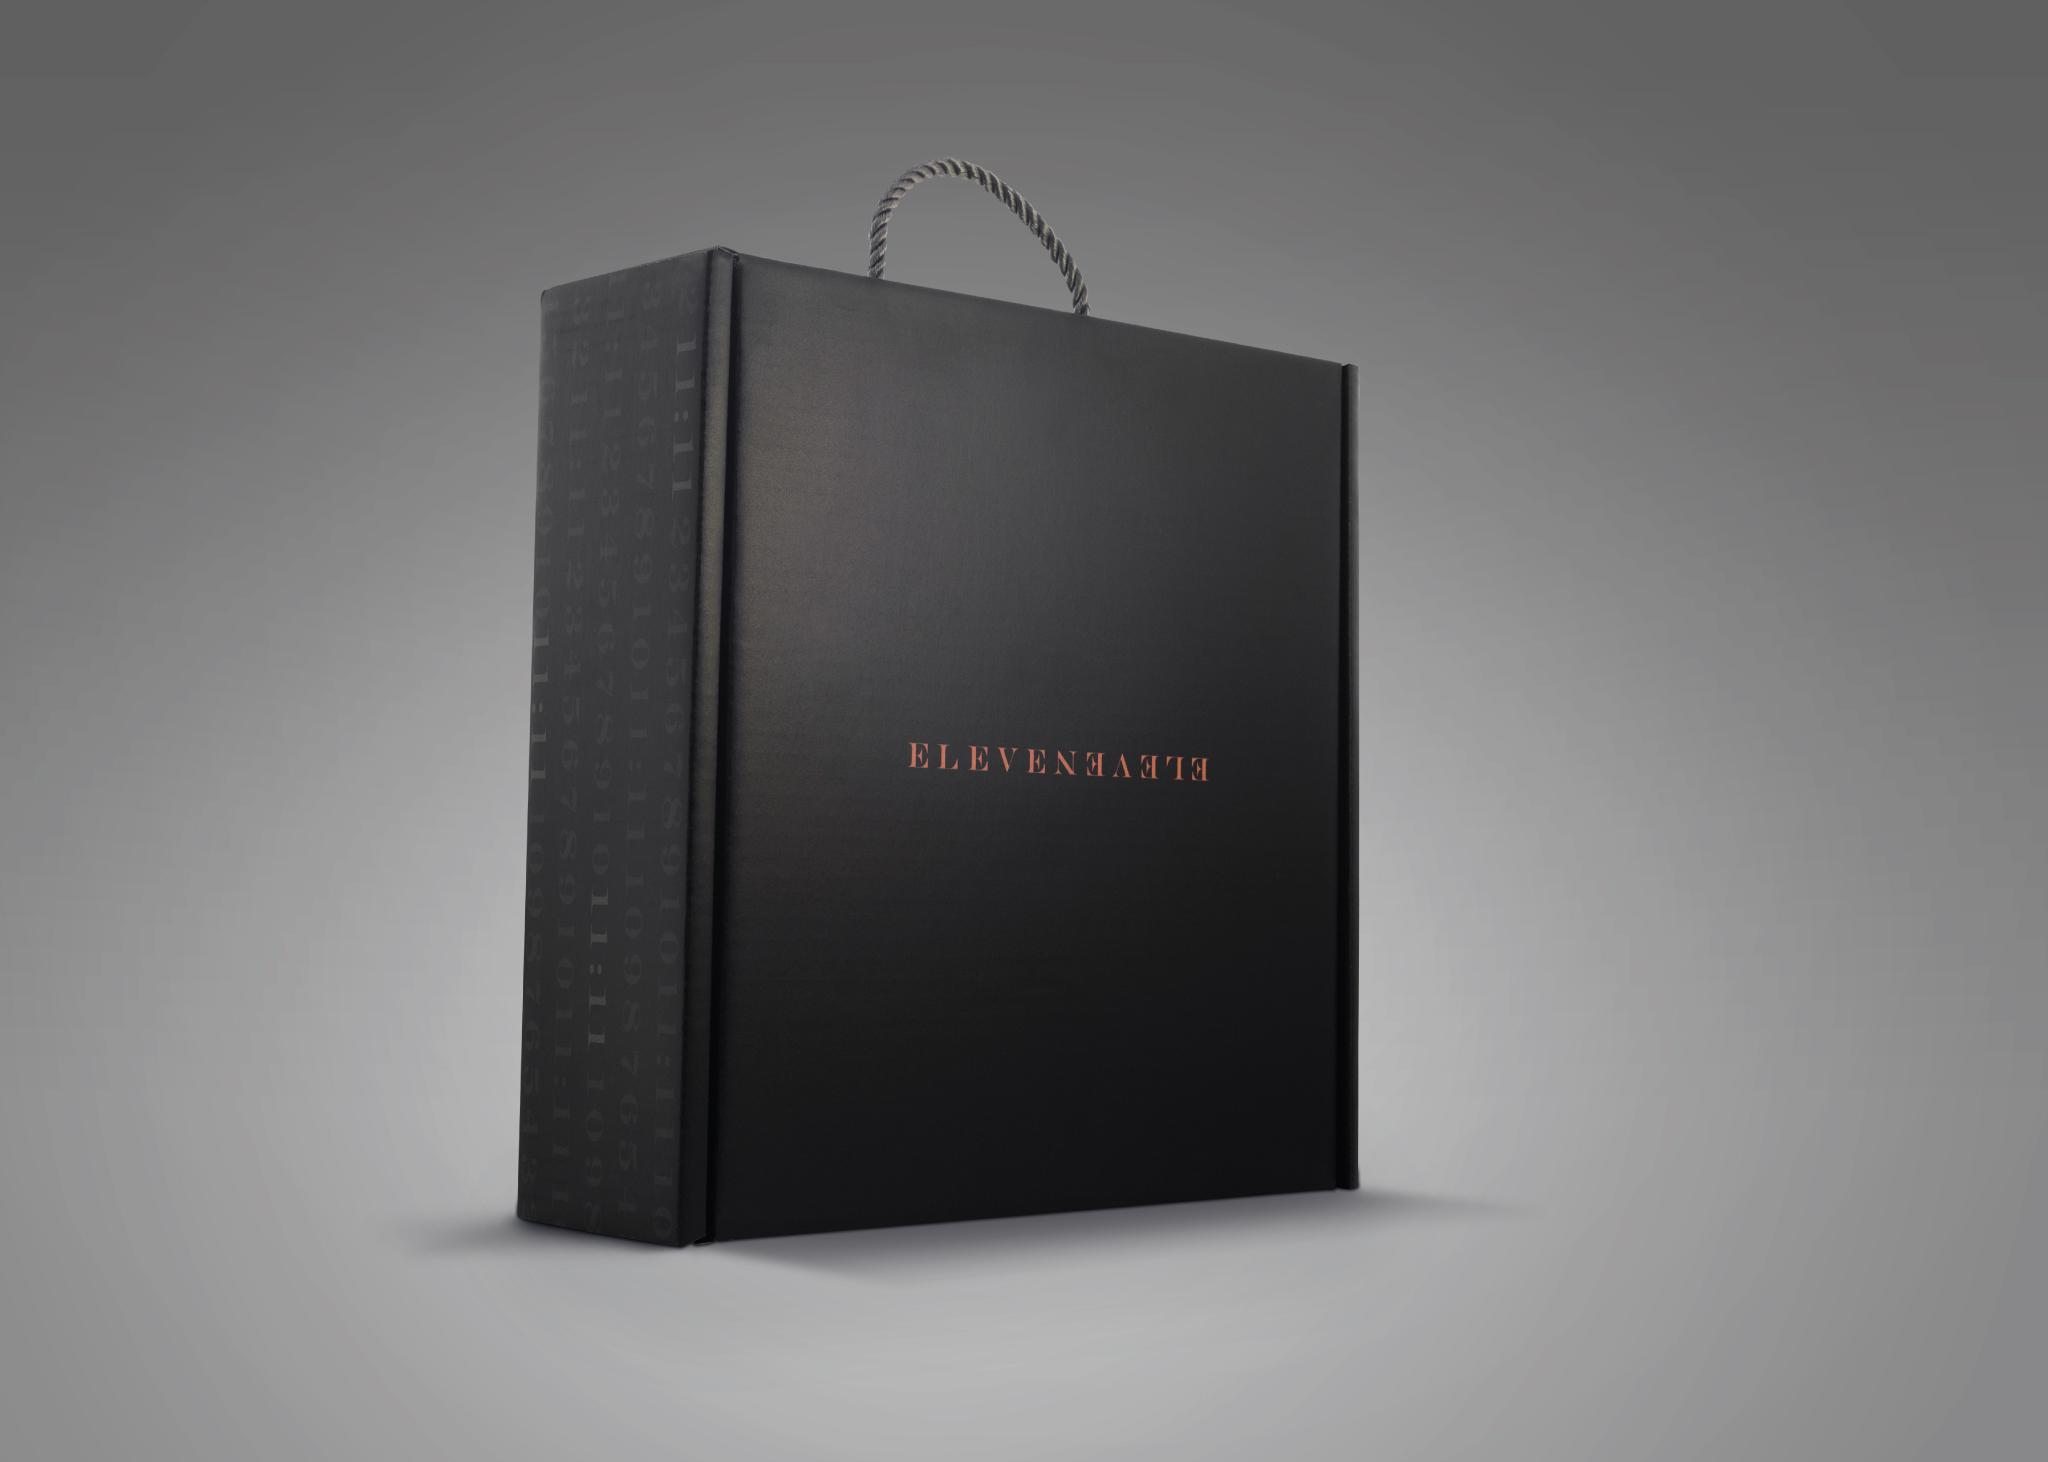 ELV_boxclosed